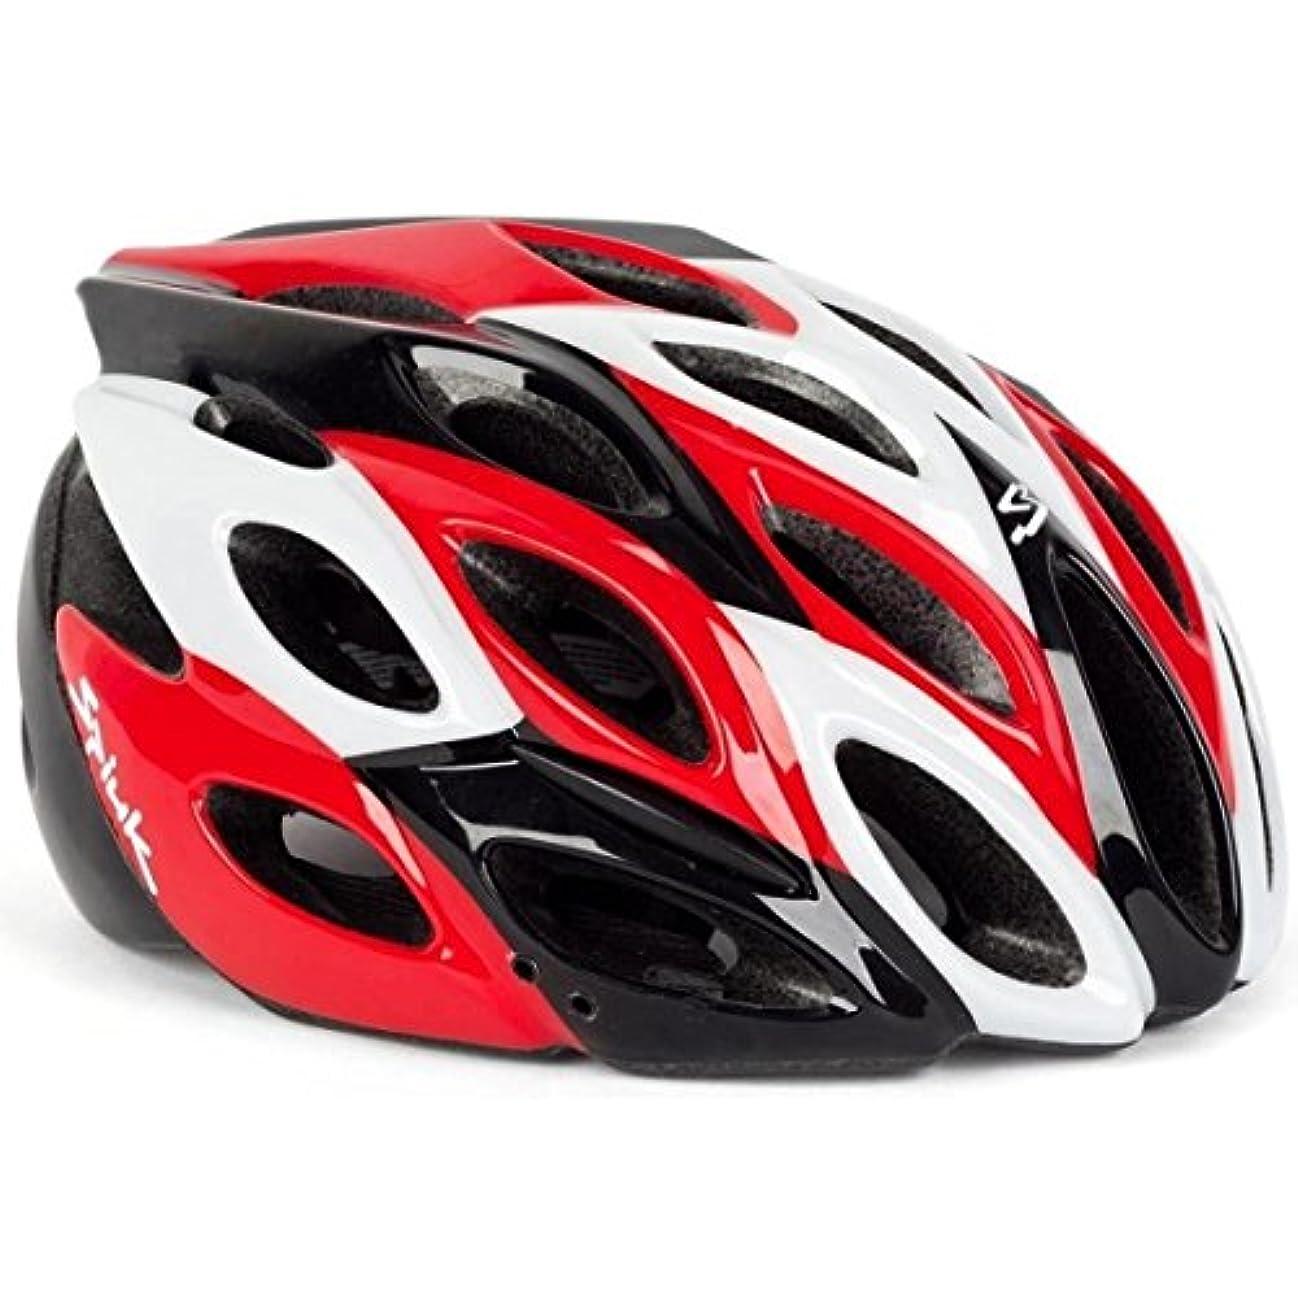 再びスプレー土地Spiuk ZIRION Road Helmet Red/Black M-L(53-61cm) エスピューク ヘルメット [並行輸入品]